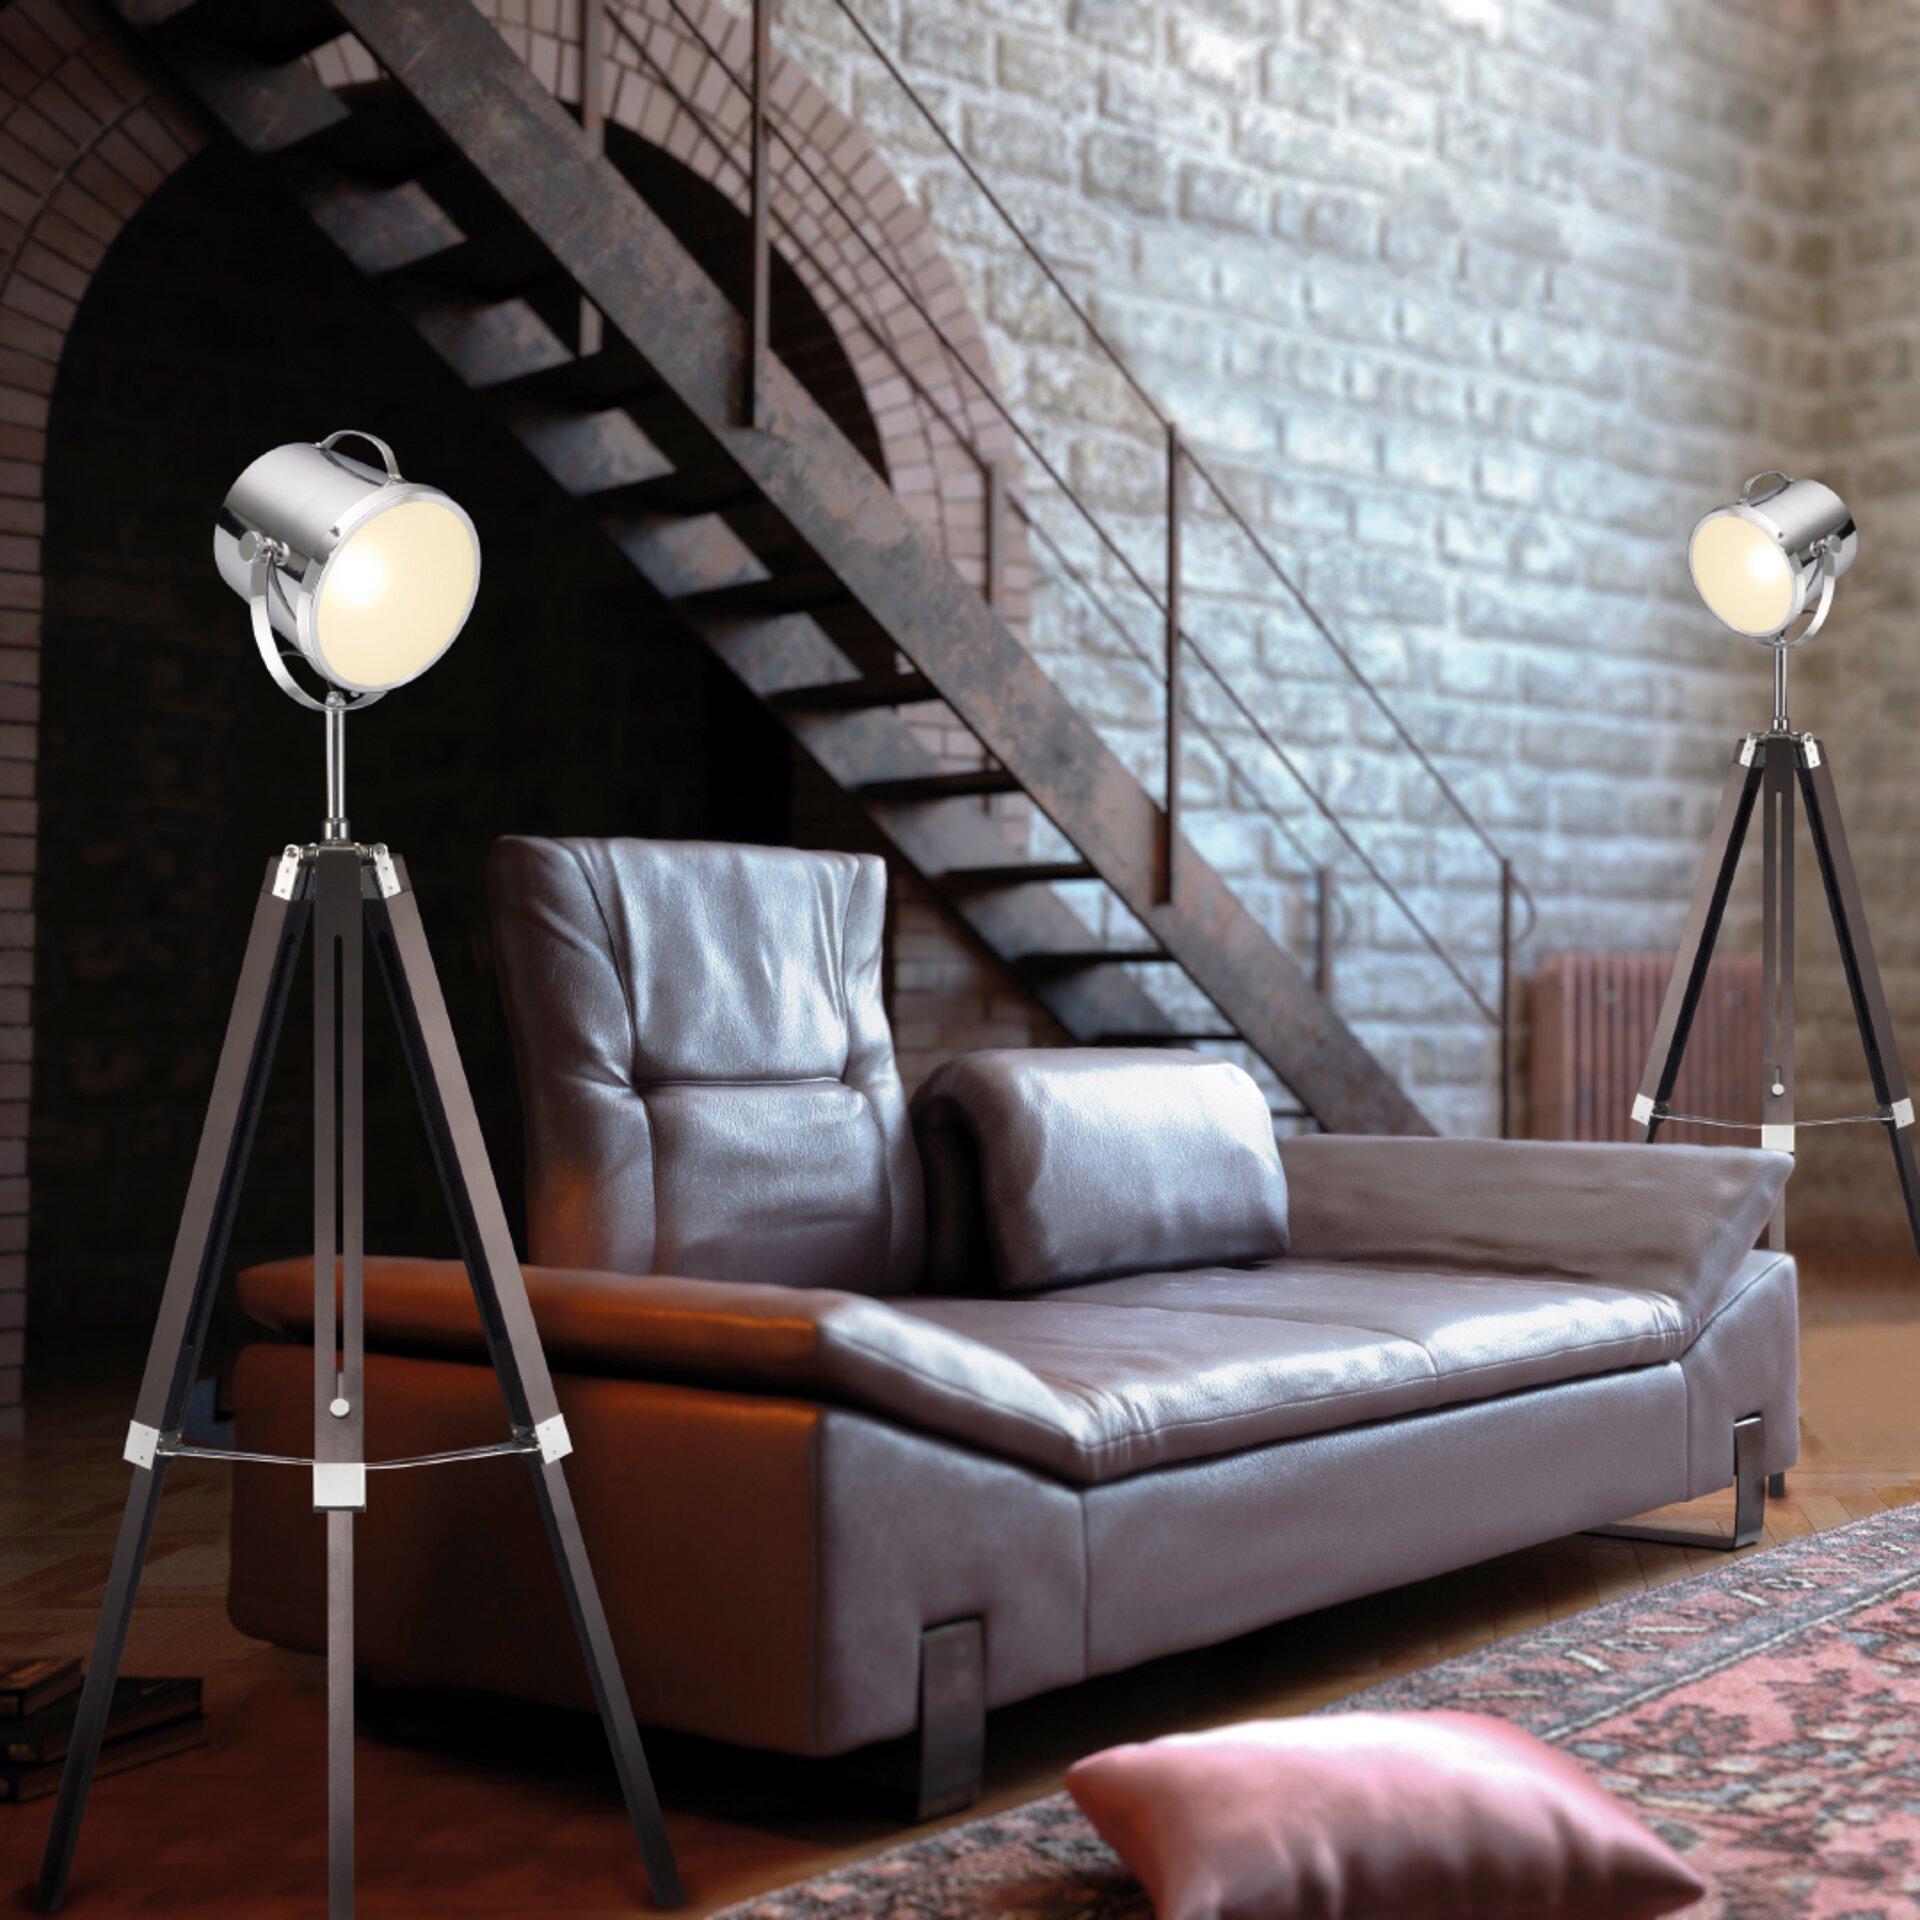 Stehlampe aus Holz und Metall